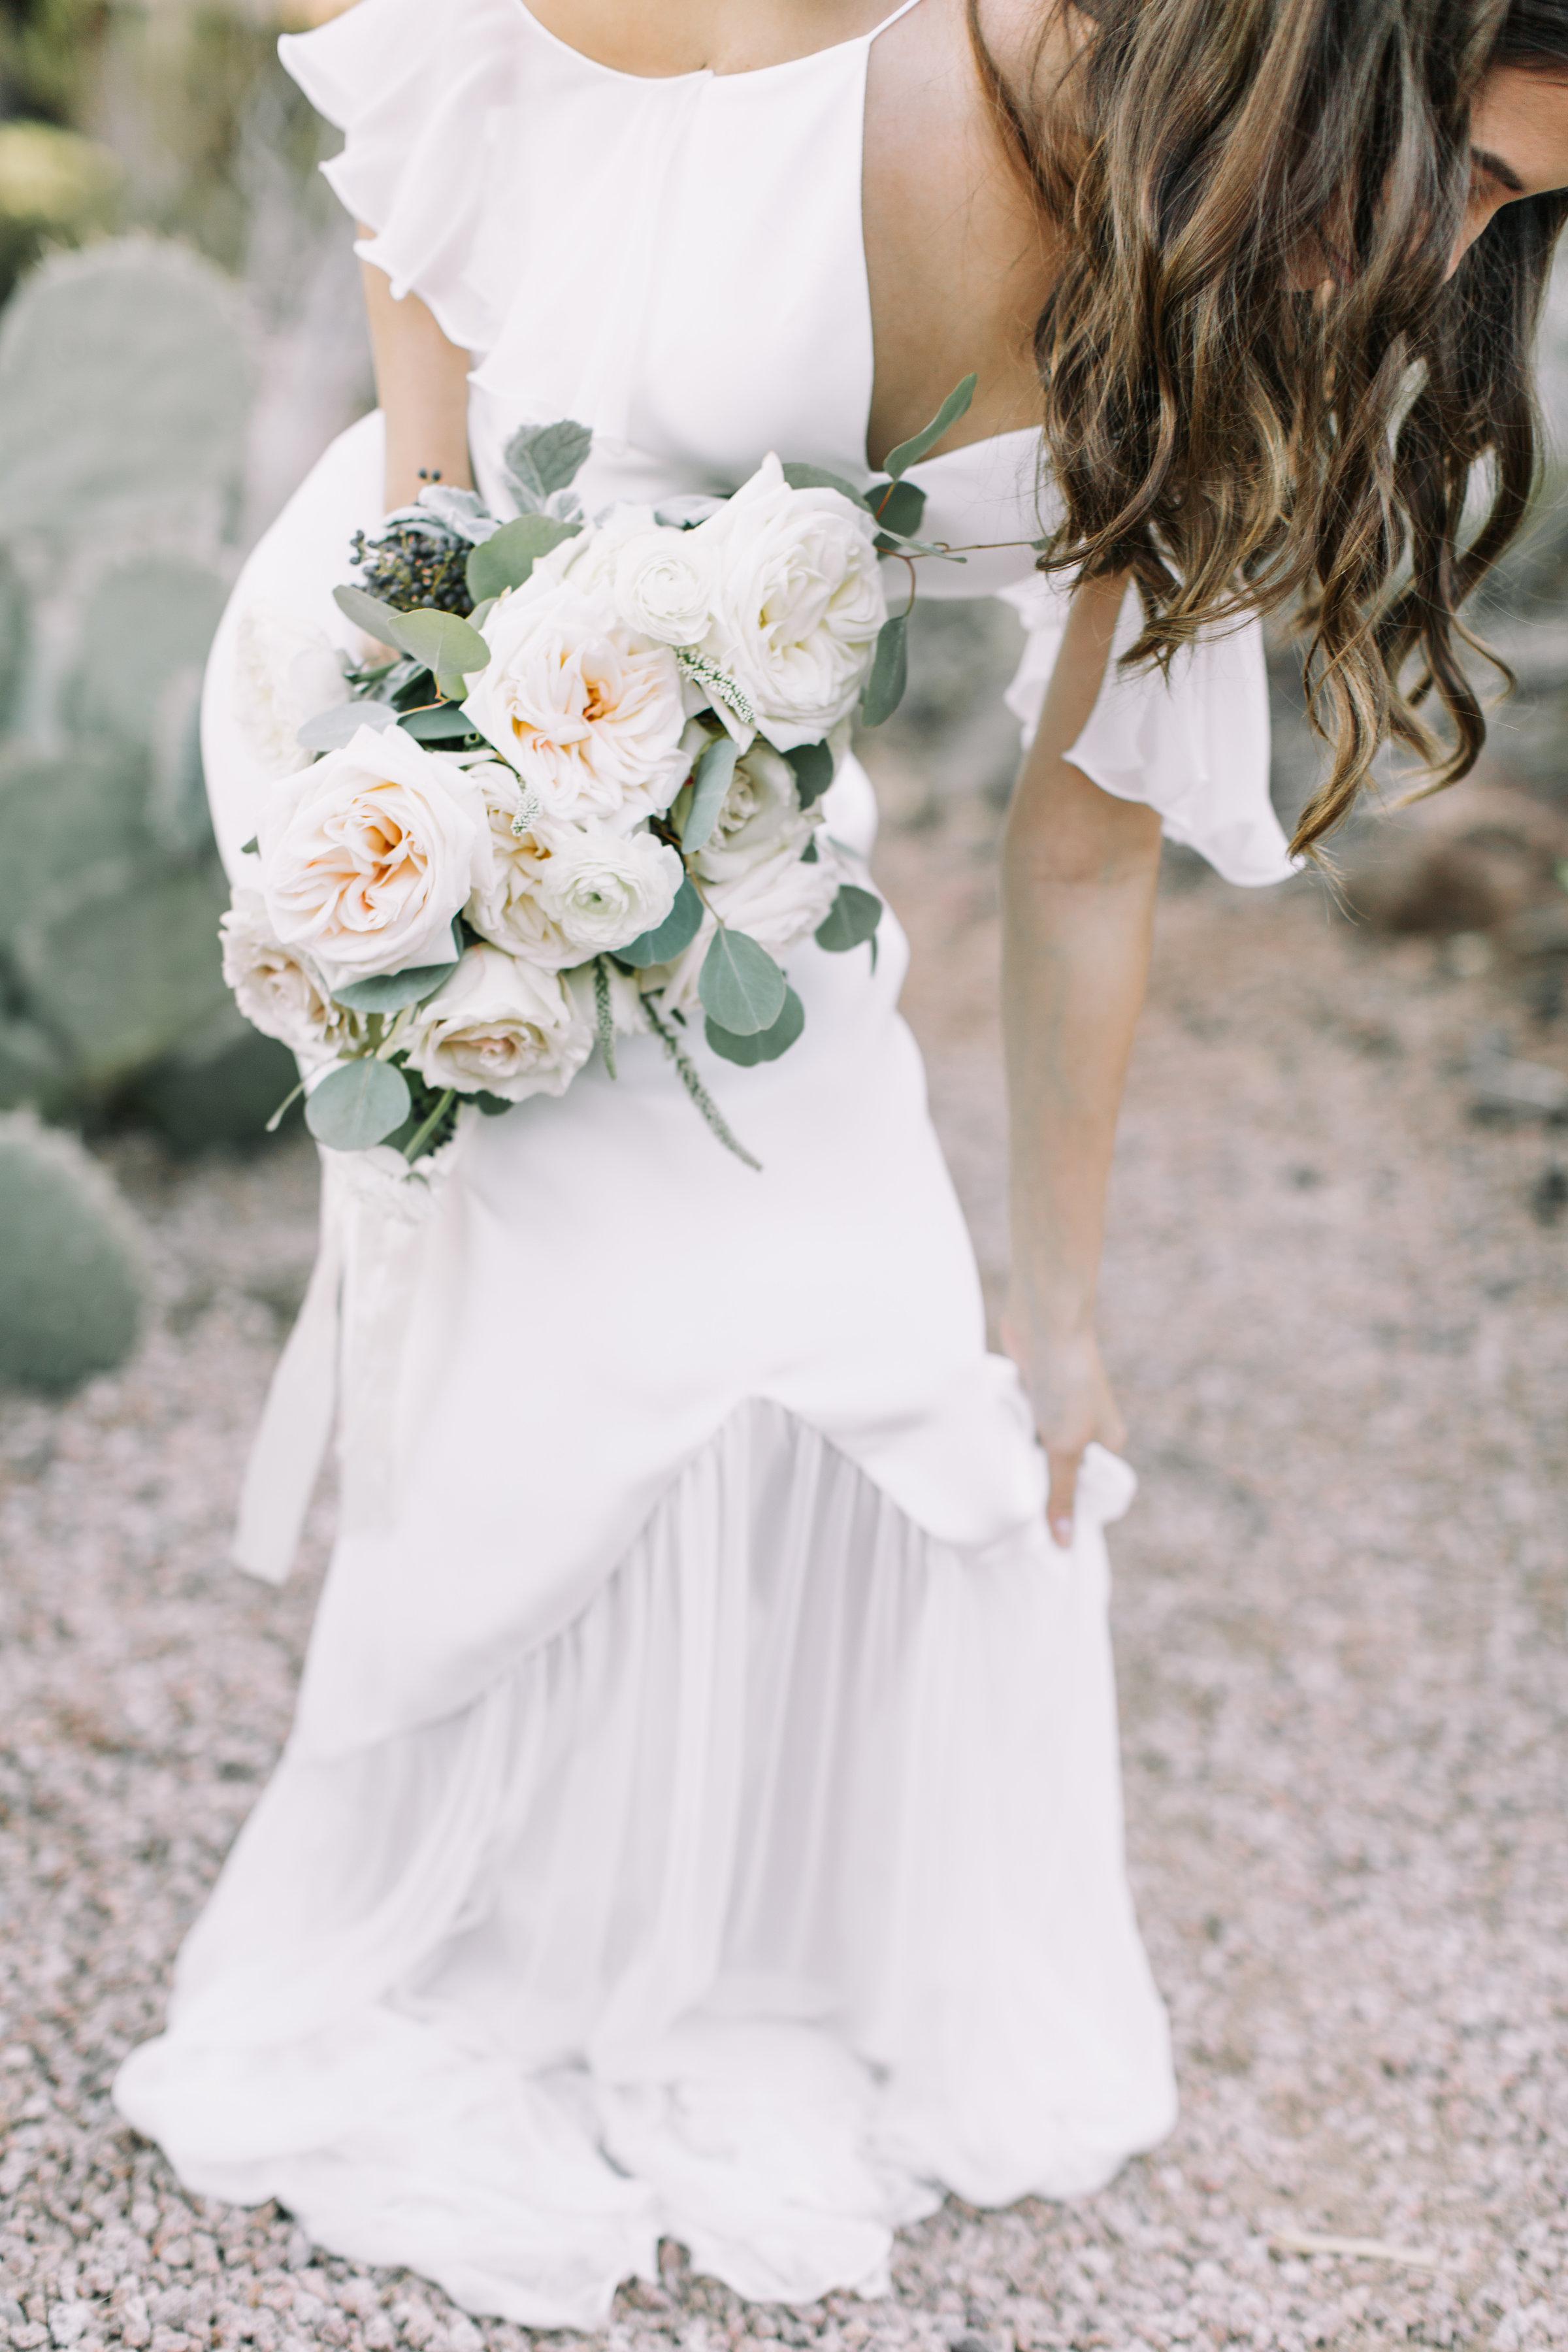 Wild-One-Events-Phoenix-Floral-Designer-6.jpg